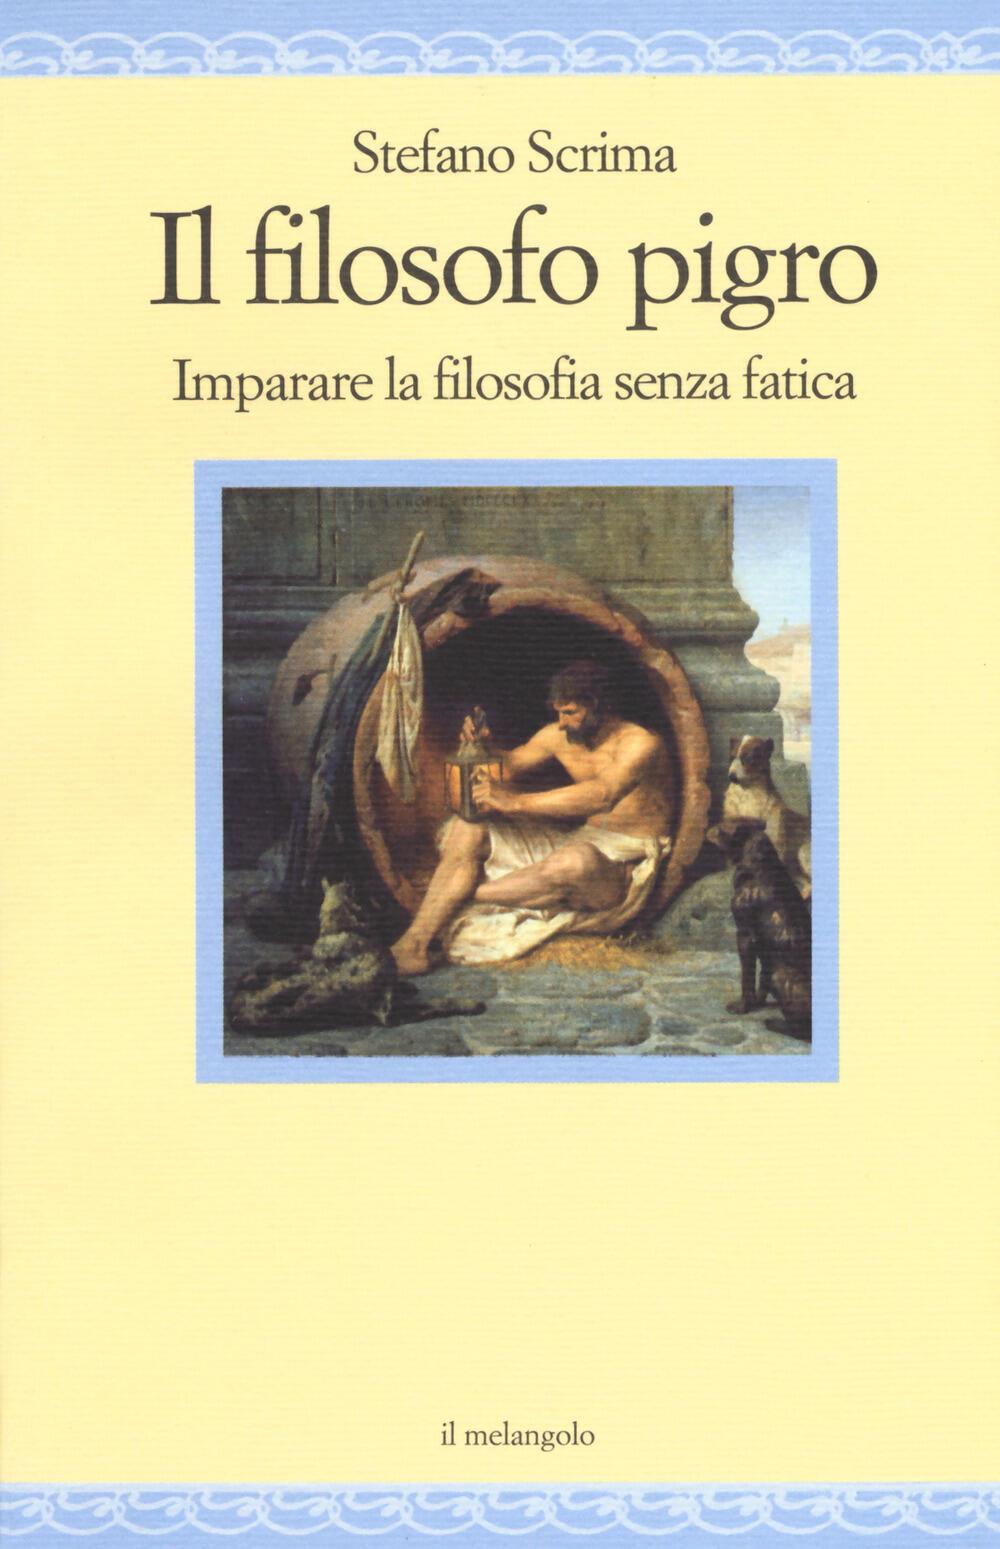 il filosofo pigro imparare la filosofia senza fatica